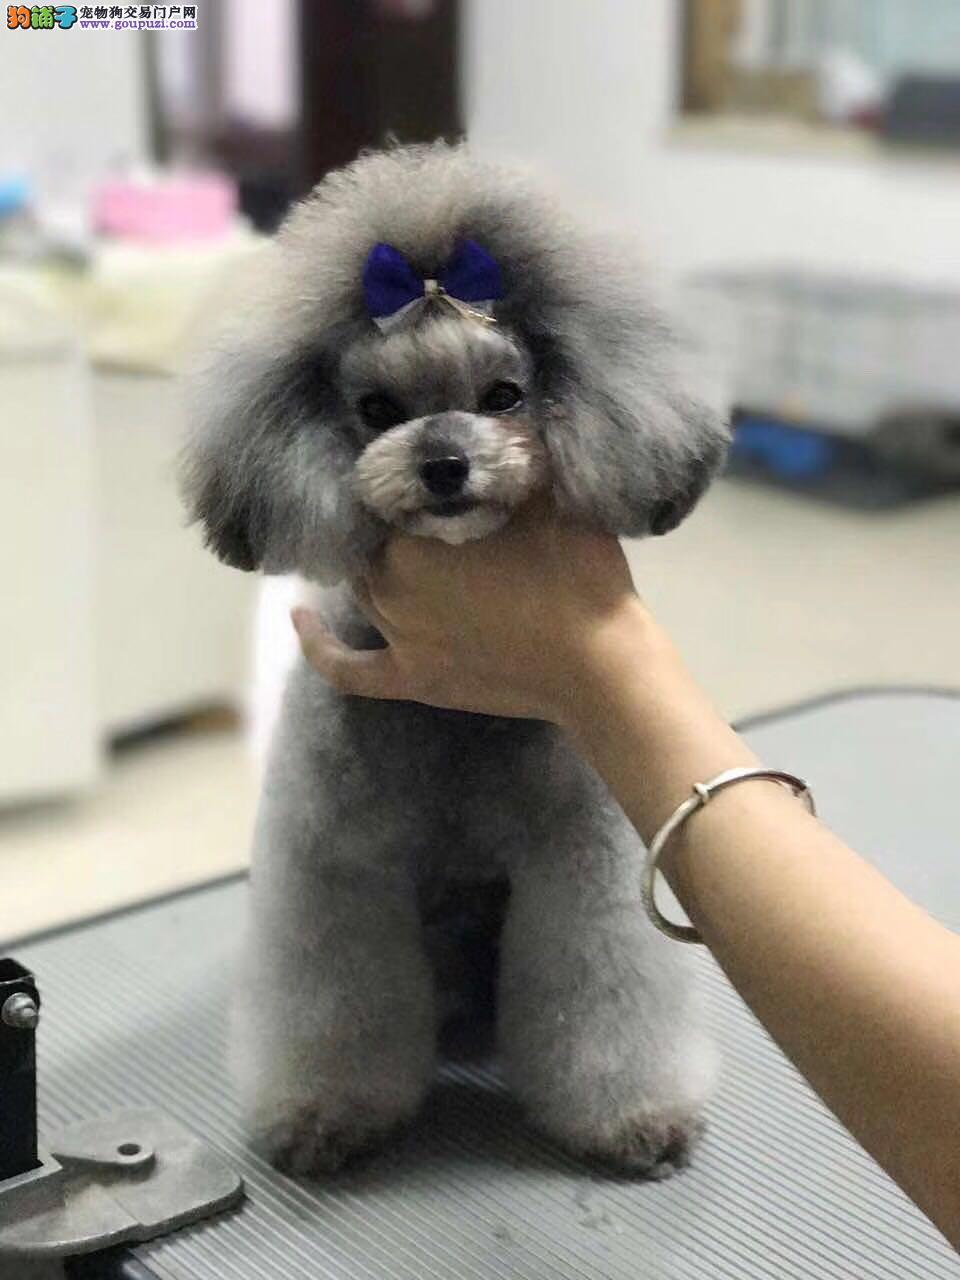 泰迪熊 纯种泰迪熊犬 精品泰迪幼犬